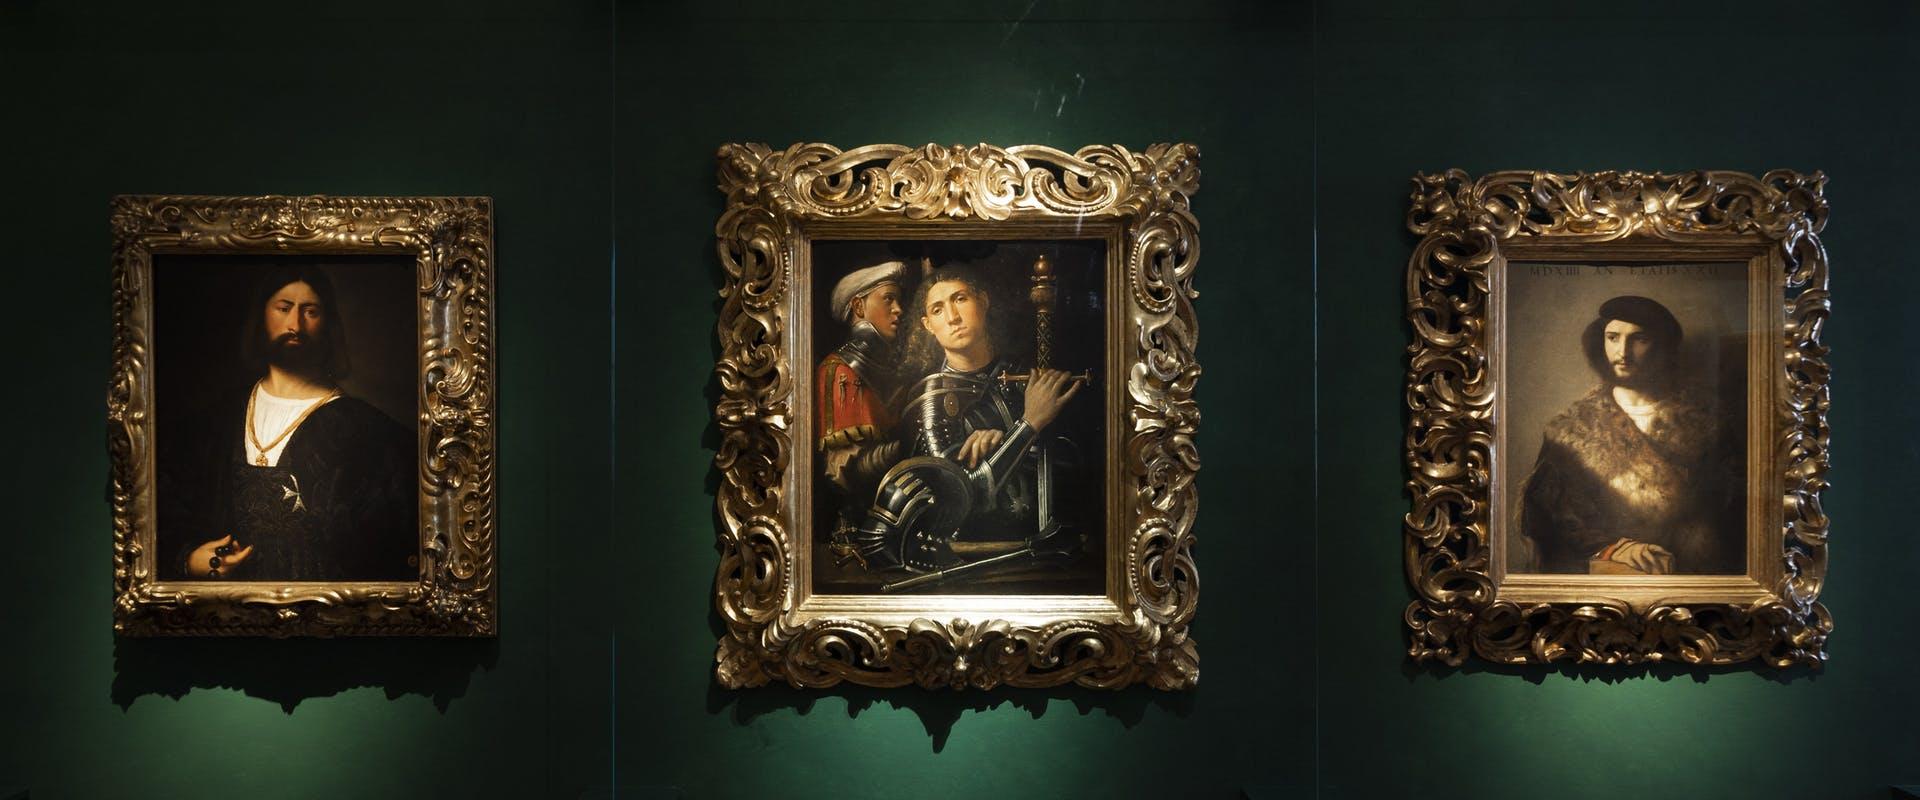 Dei quadri dalla Galleria degli Uffizi, da poco entrato a far parte dei musei online e su social.